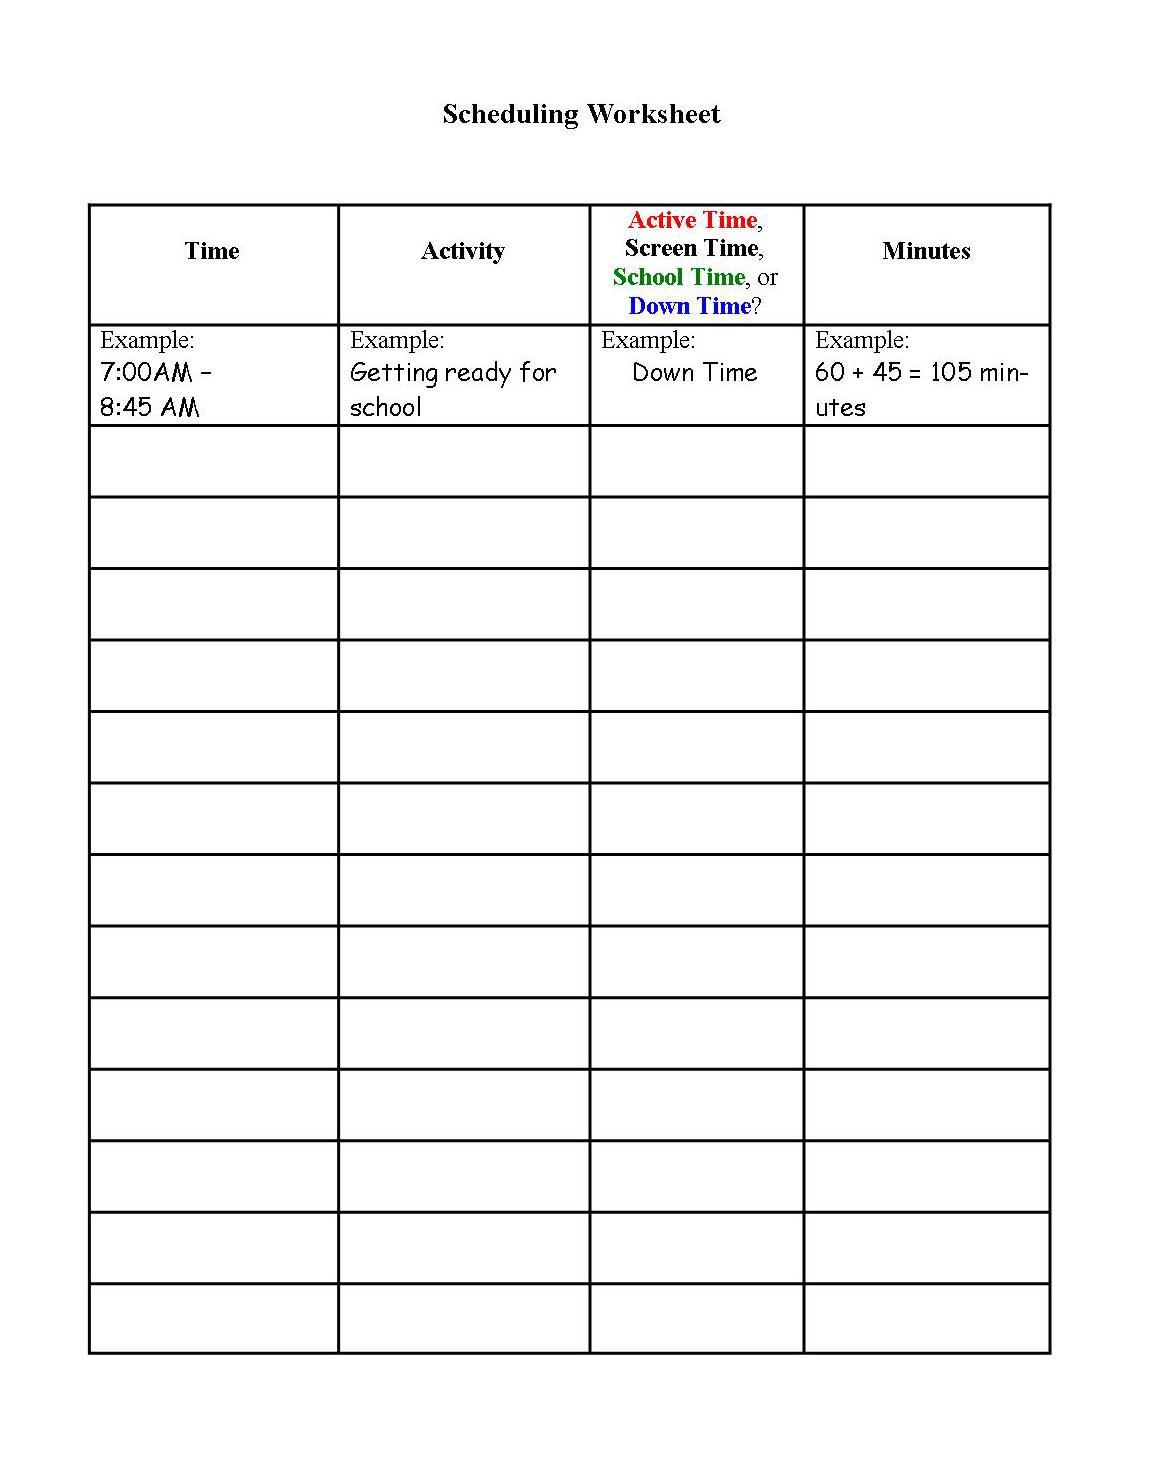 Scheduling worksheet